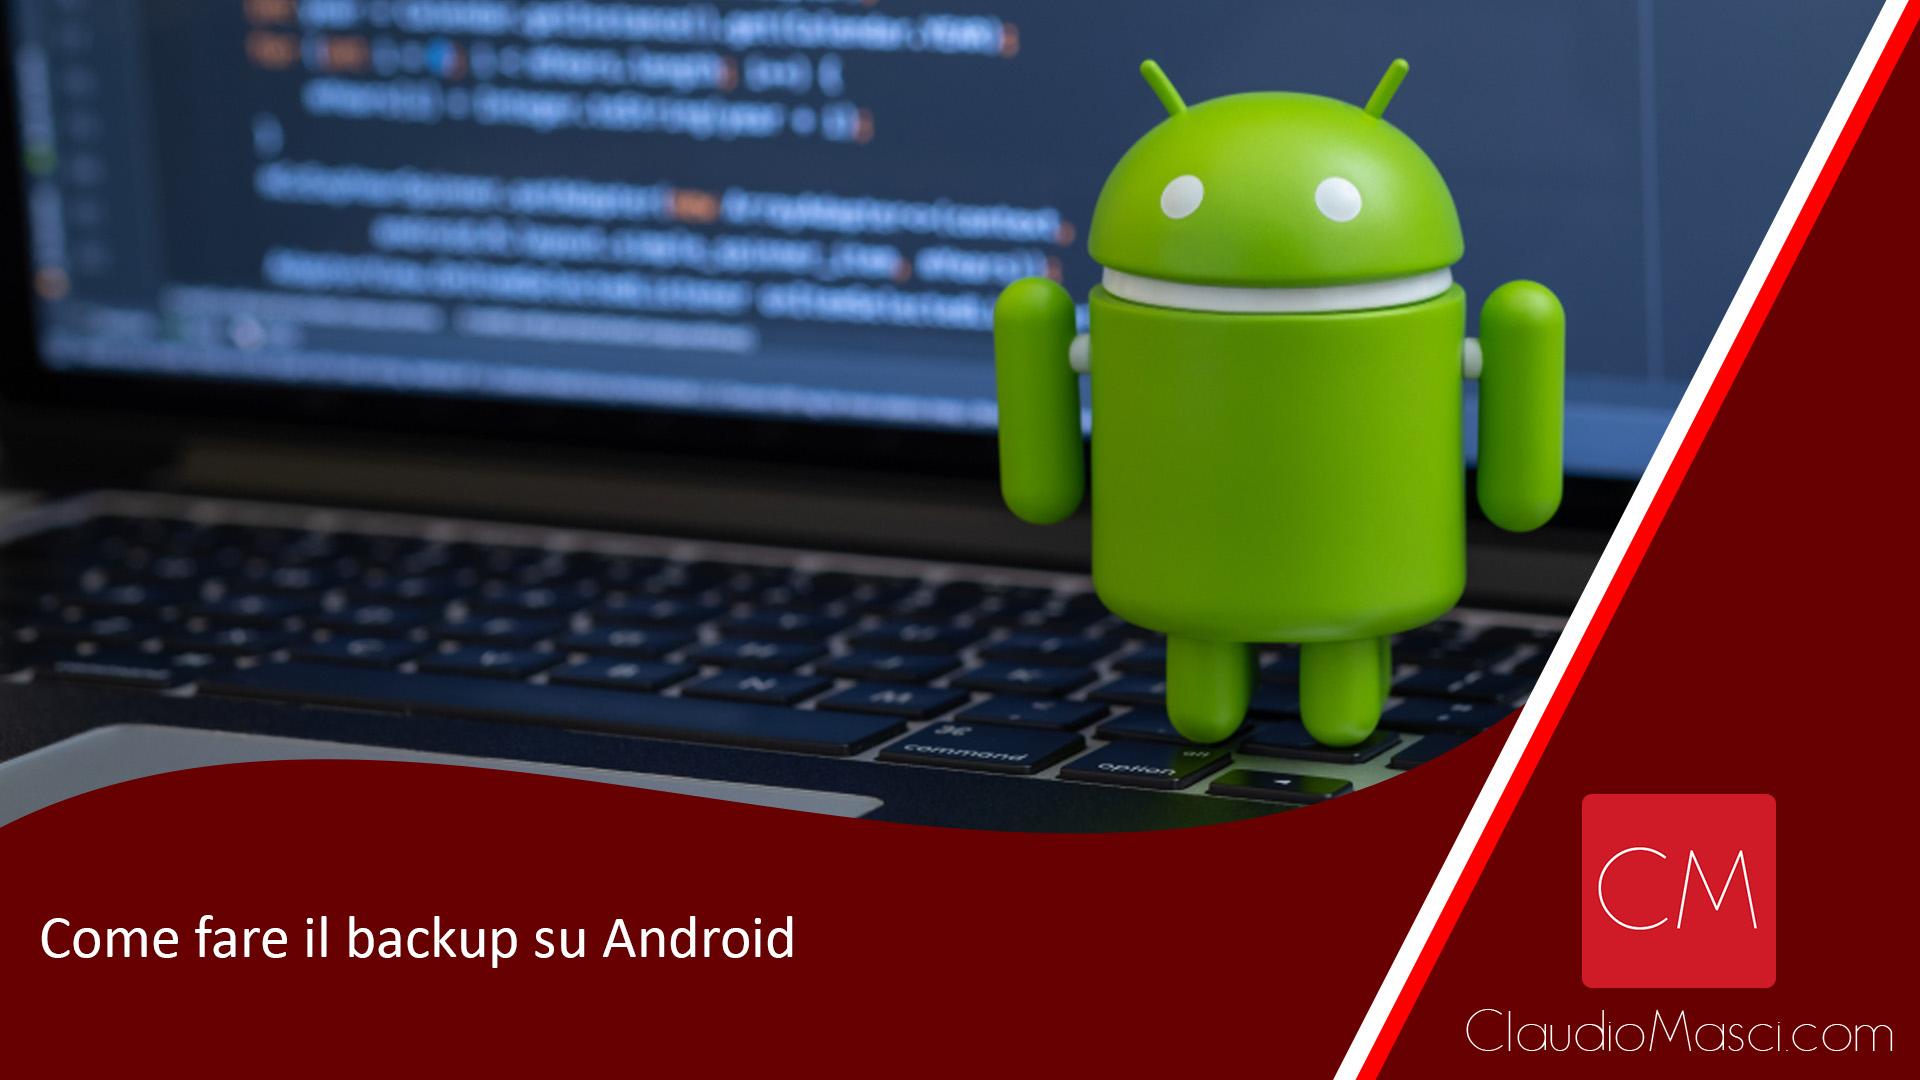 Come fare il backup su Android